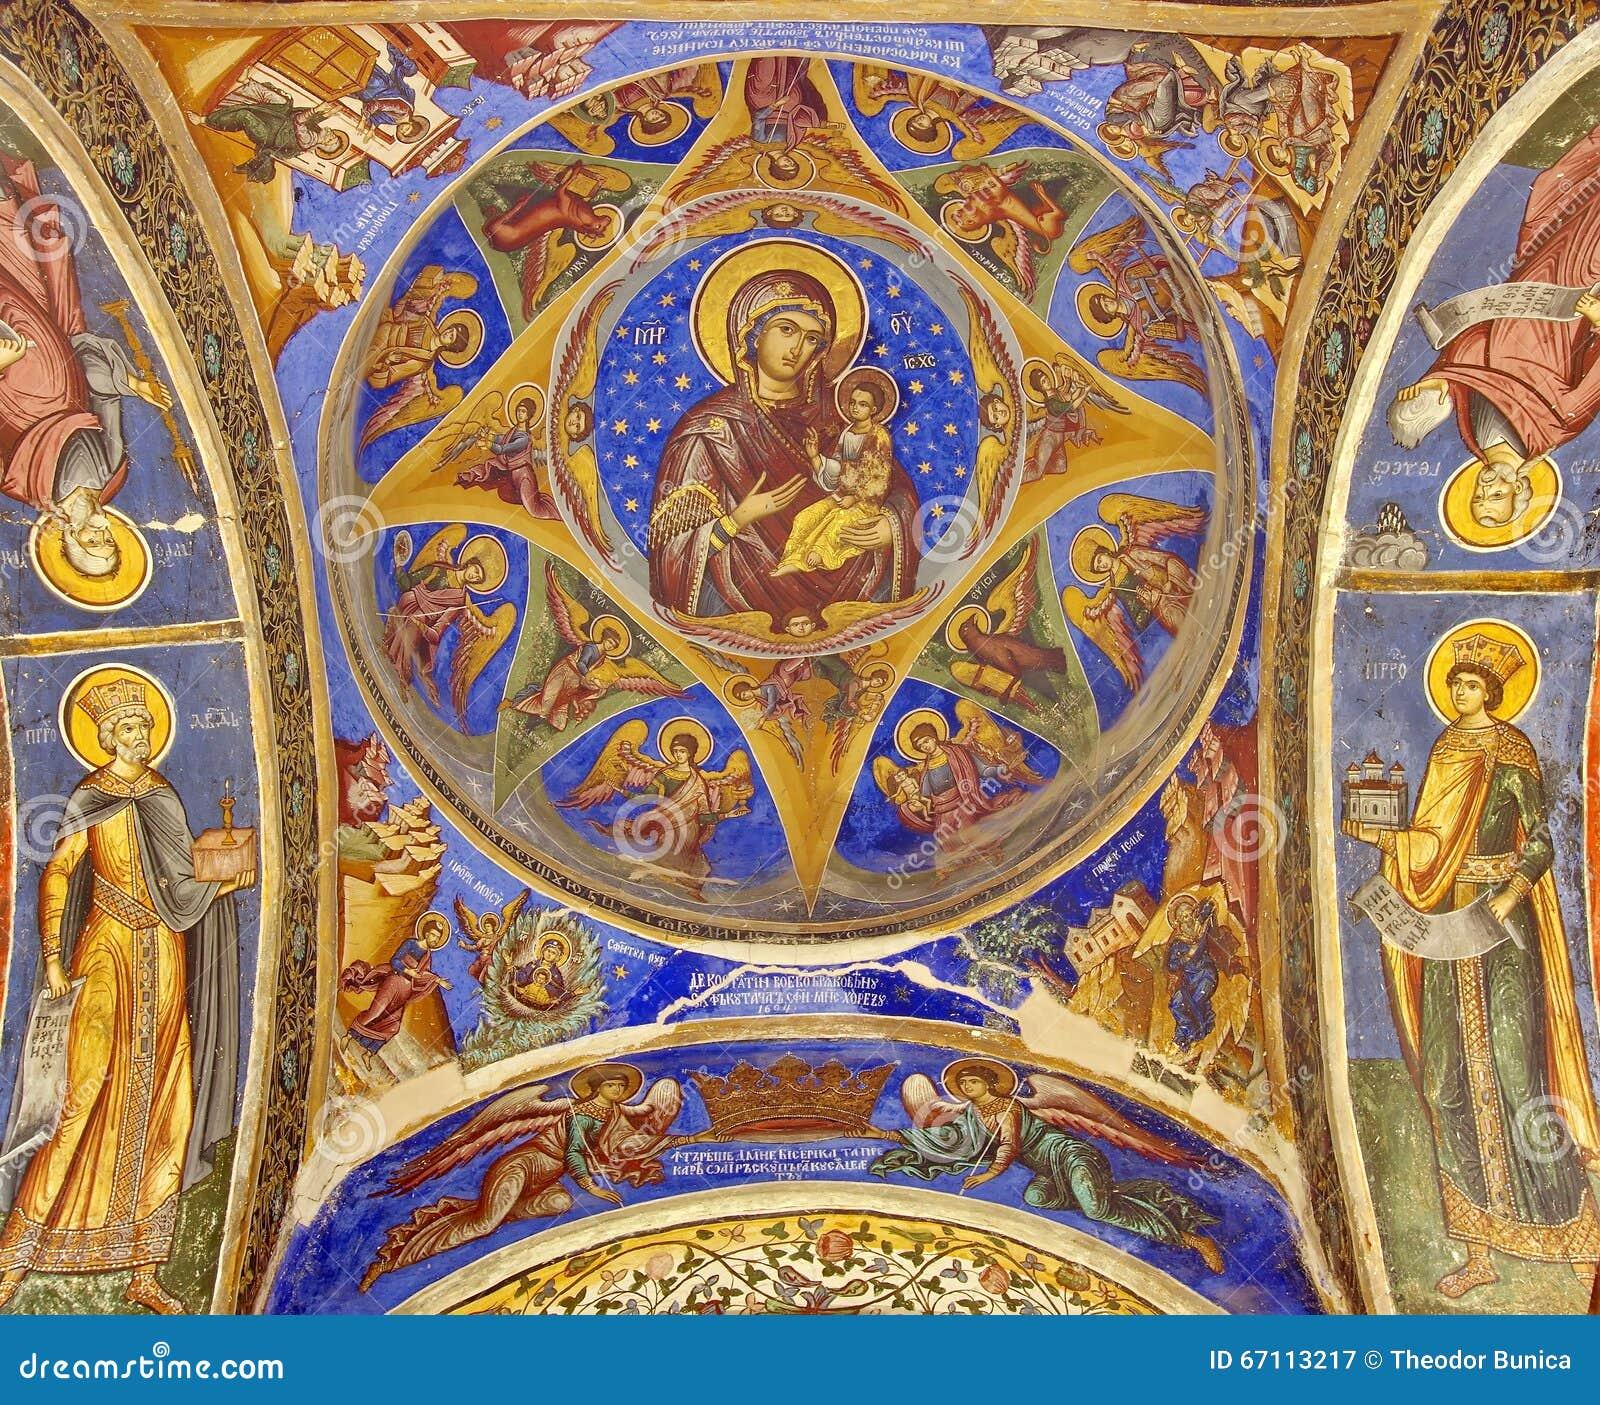 Orthodox church. Virgin Mary and Child - Hurezi or Horezu Monastery, landmark attraction in Romania